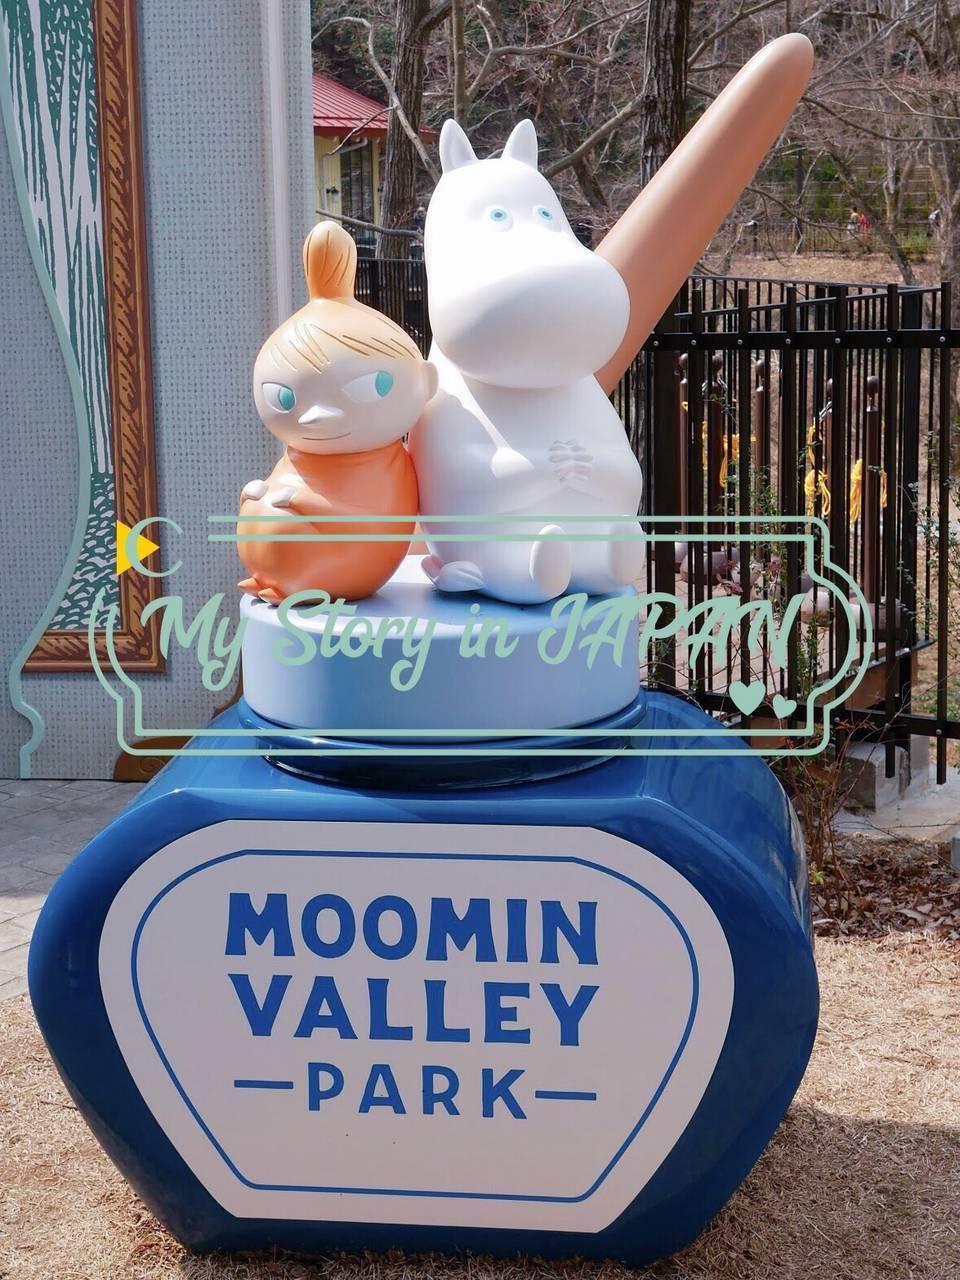 【我的日本生活物語】萬眾矚目的「嚕嚕米主題樂園」玩樂攻略心得!一起沉浸在療癒系北歐童話世界吧!~前篇 ~